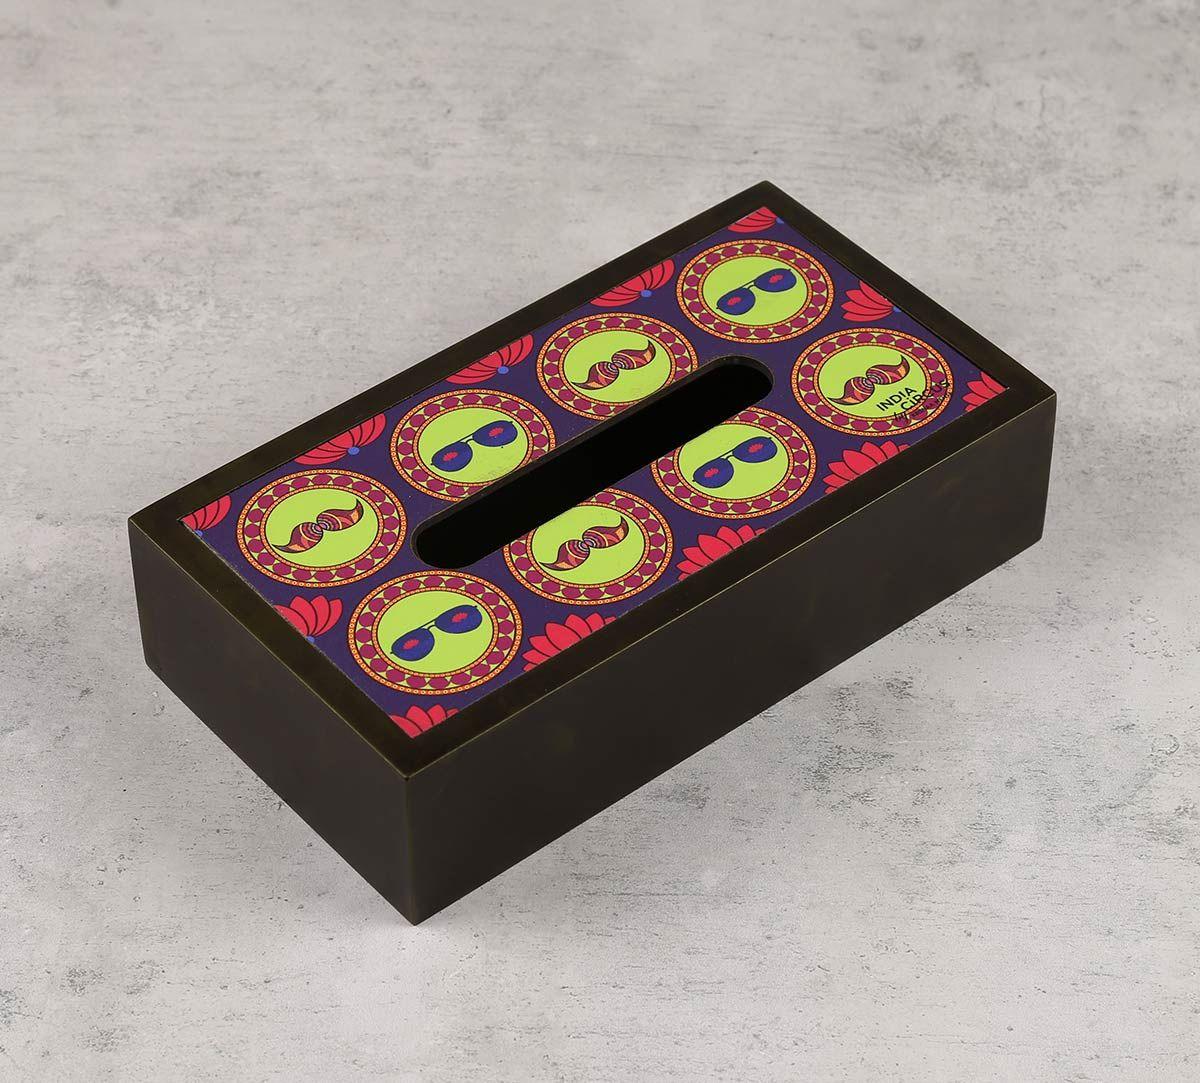 India Circus C'est La Vie Tissue Box Holder